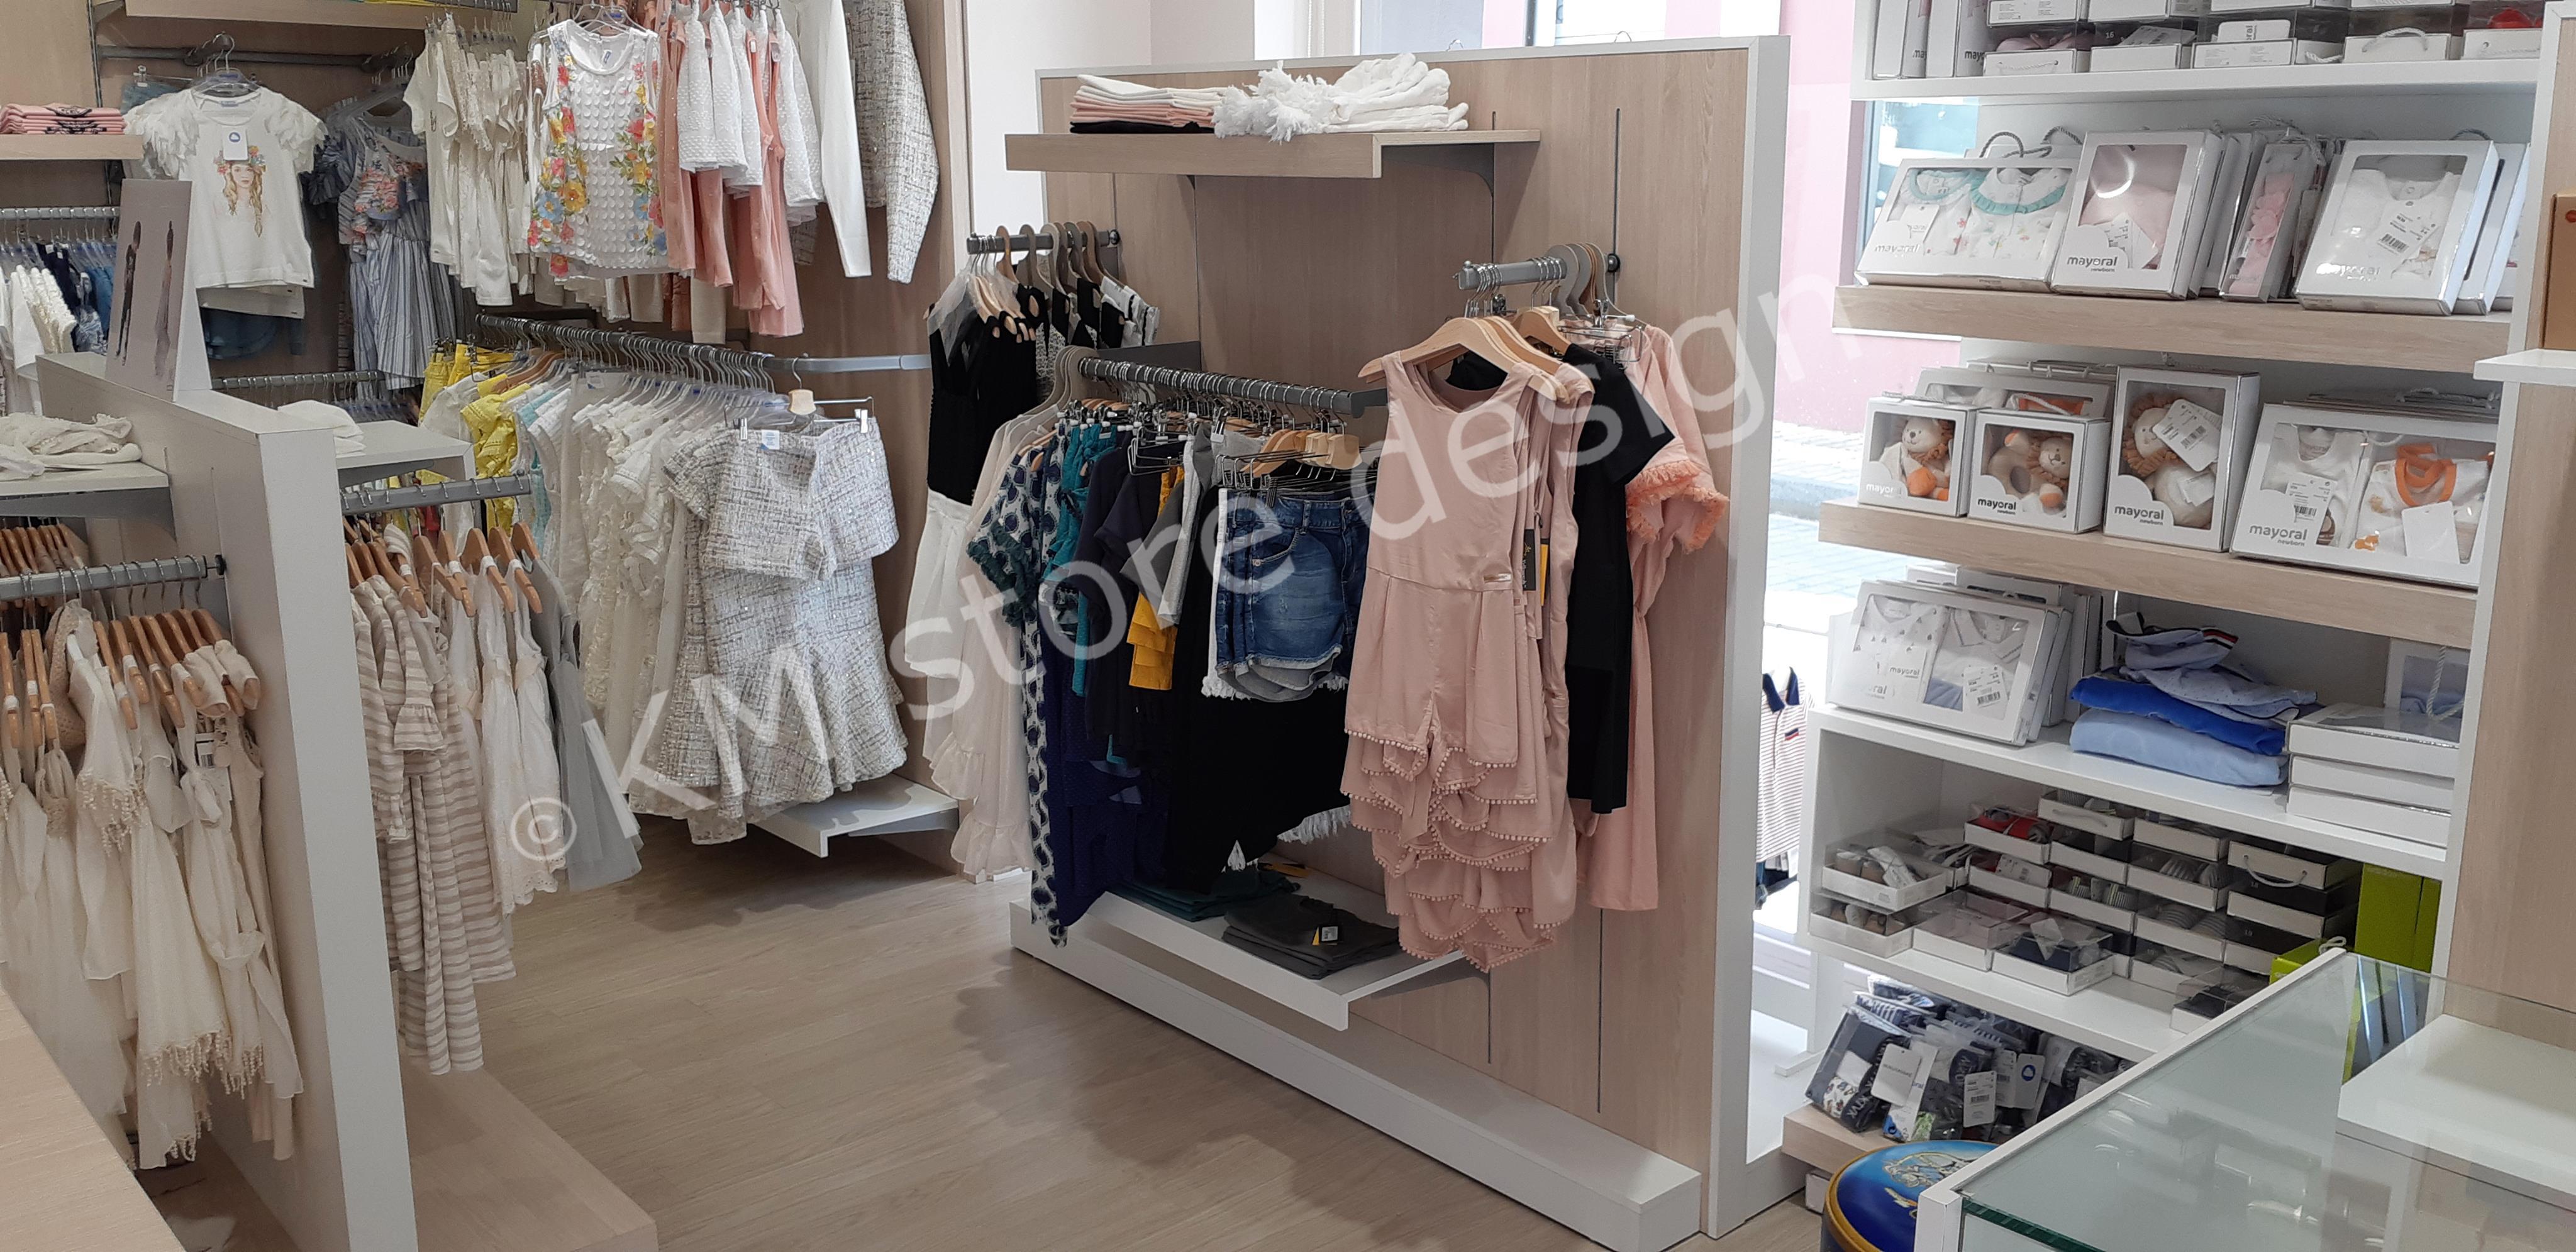 df3b1e642ae7 Εξοπλισμός καταστήματος παιδικών ρούχων. τραπεζακι βιτρινας ρουχα. γονδολες  καταστηματος